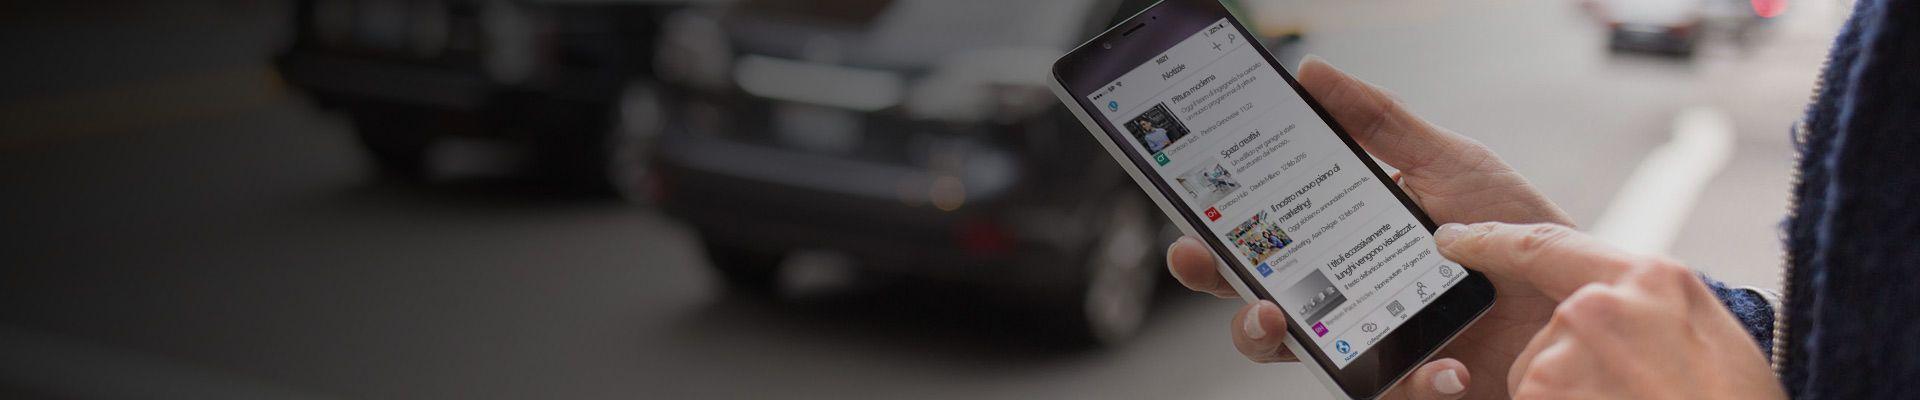 Smartphone che visualizza le notizie di SharePoint dai siti